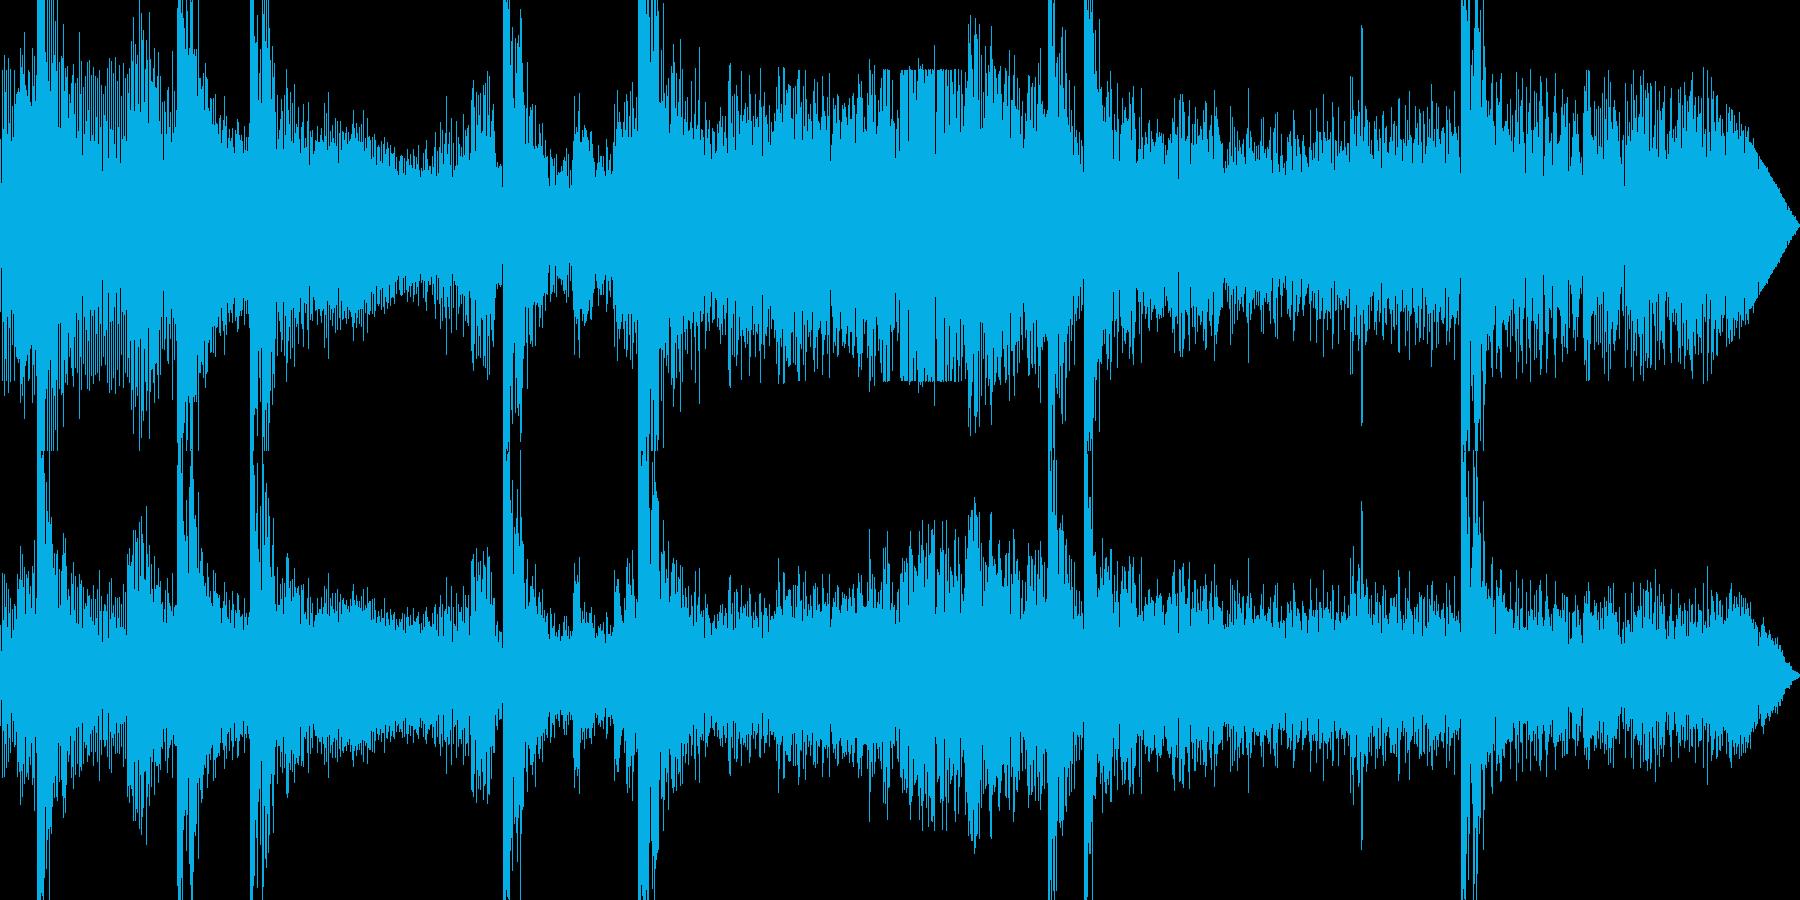 戦車同士の戦い(走りながら何度も撃つ)の再生済みの波形